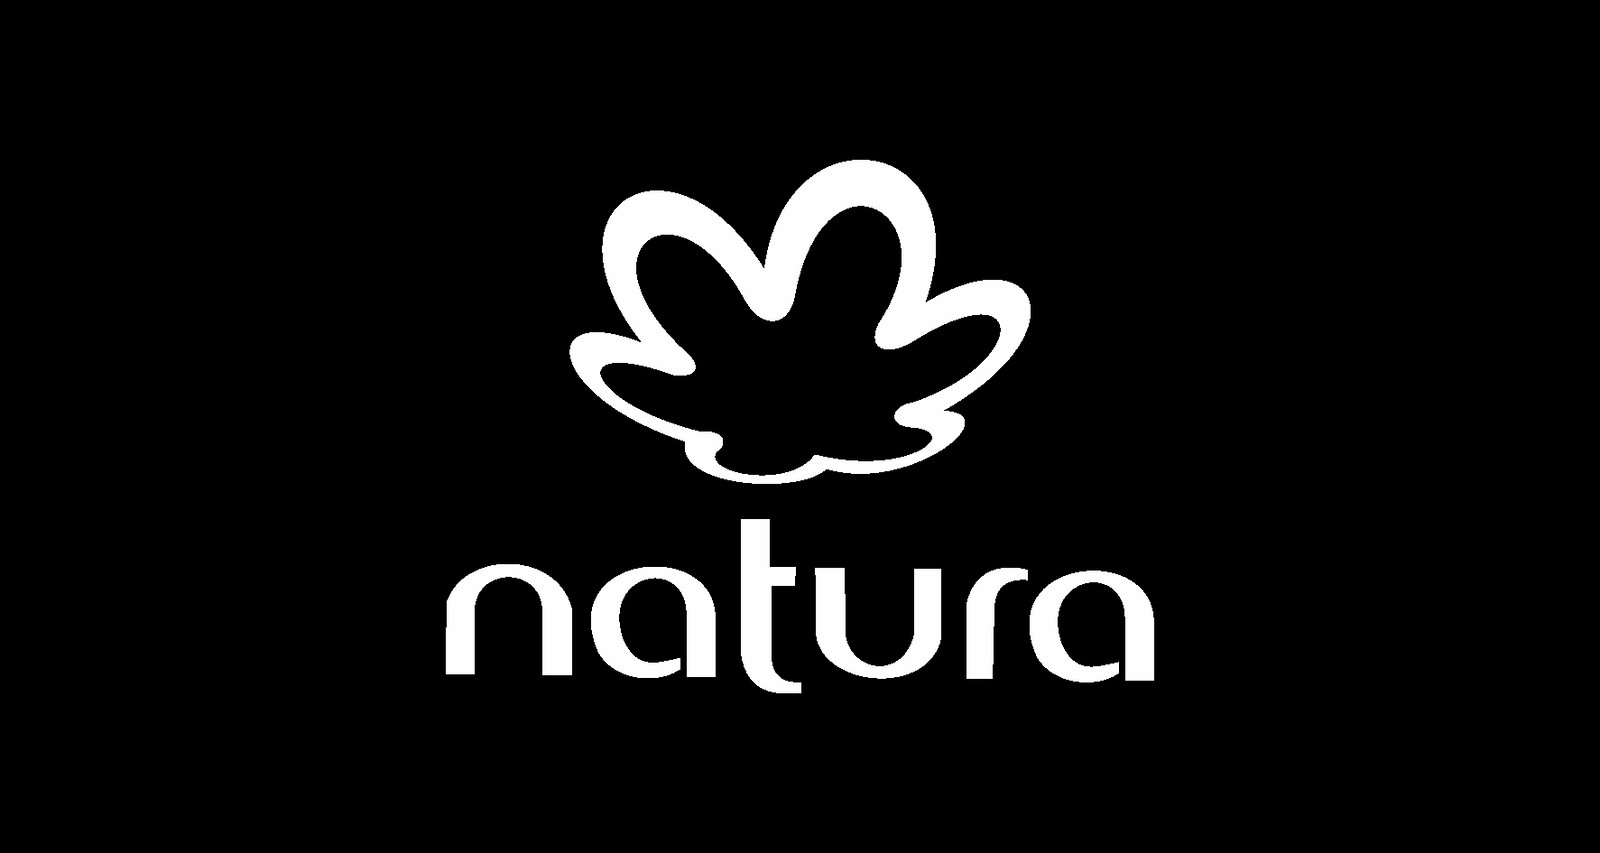 natura.png.